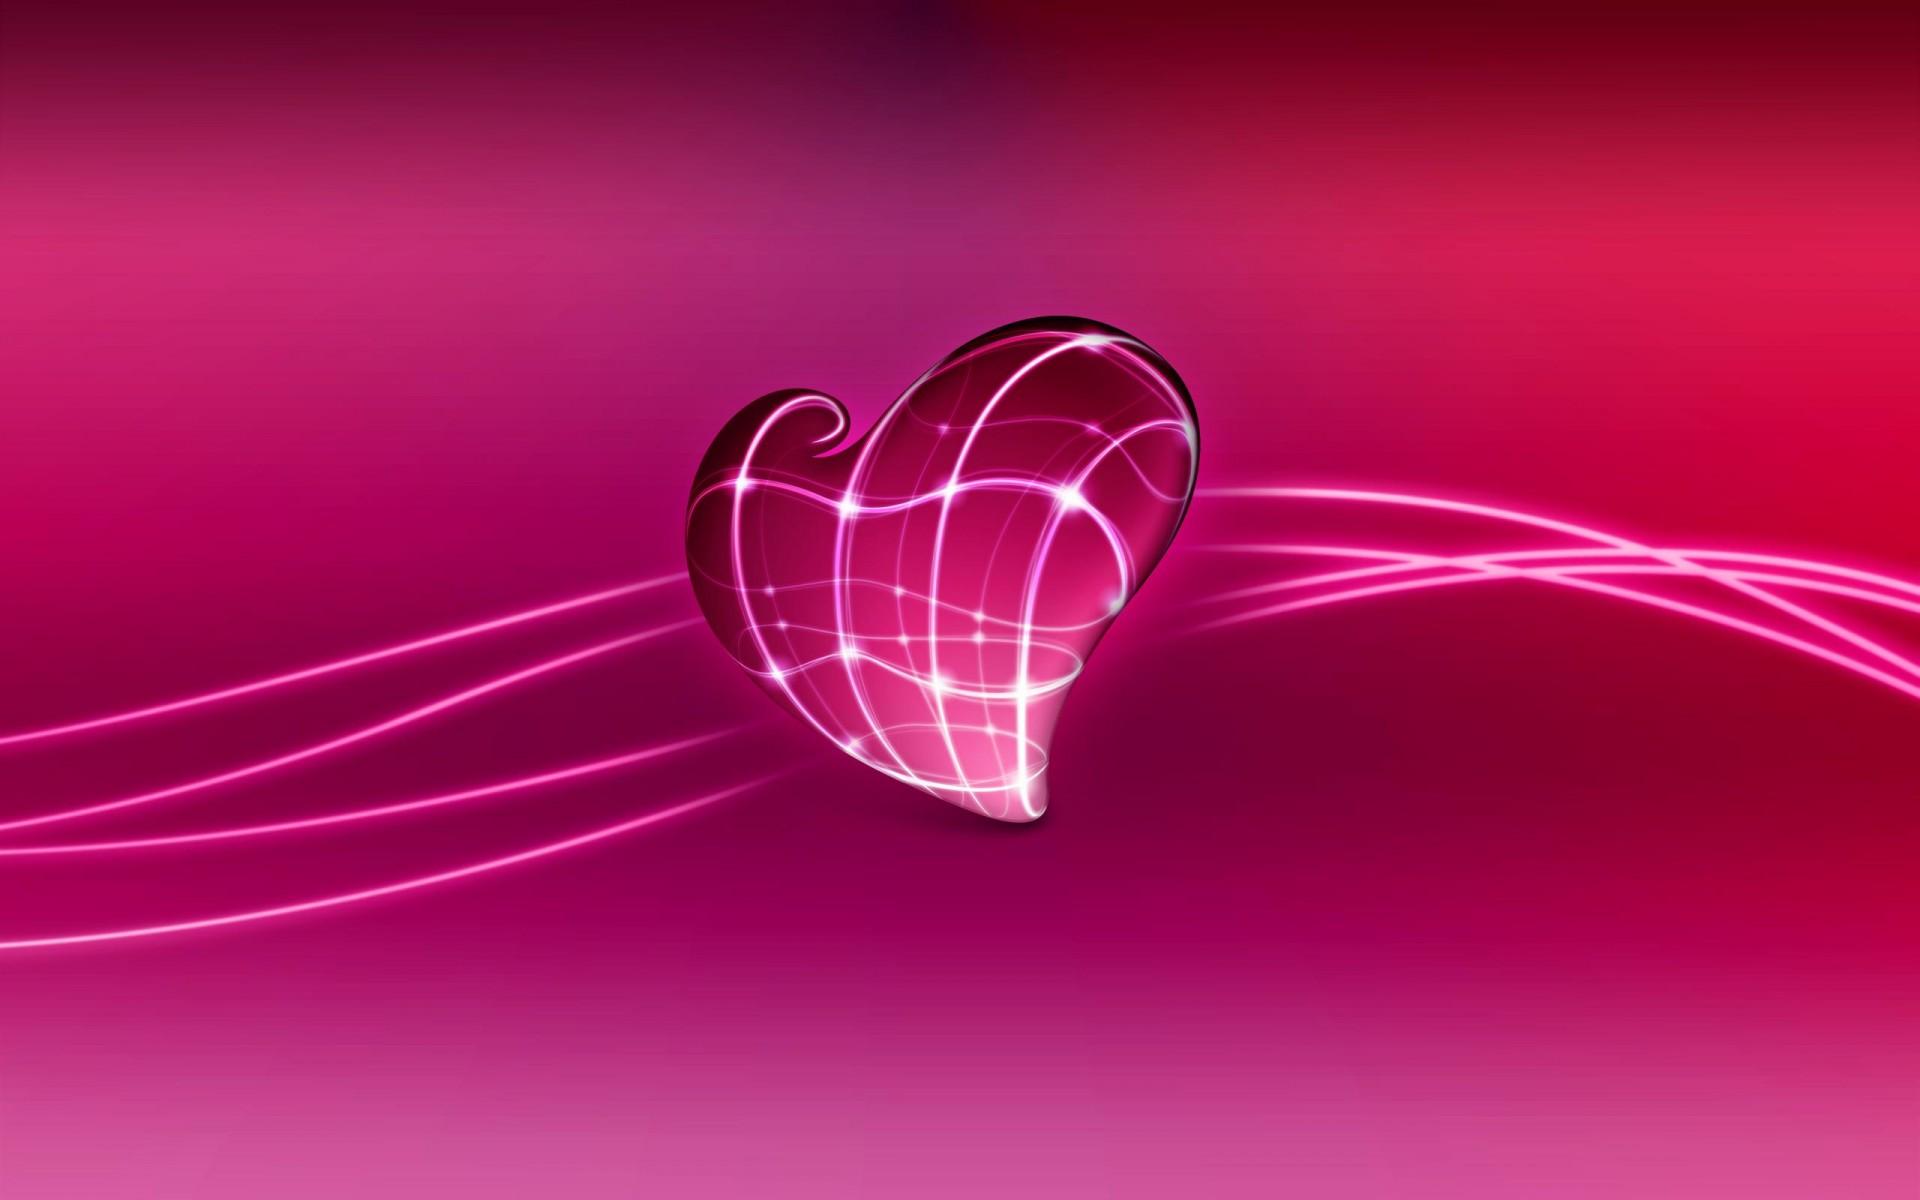 صور قلوب الفلانتين (2)